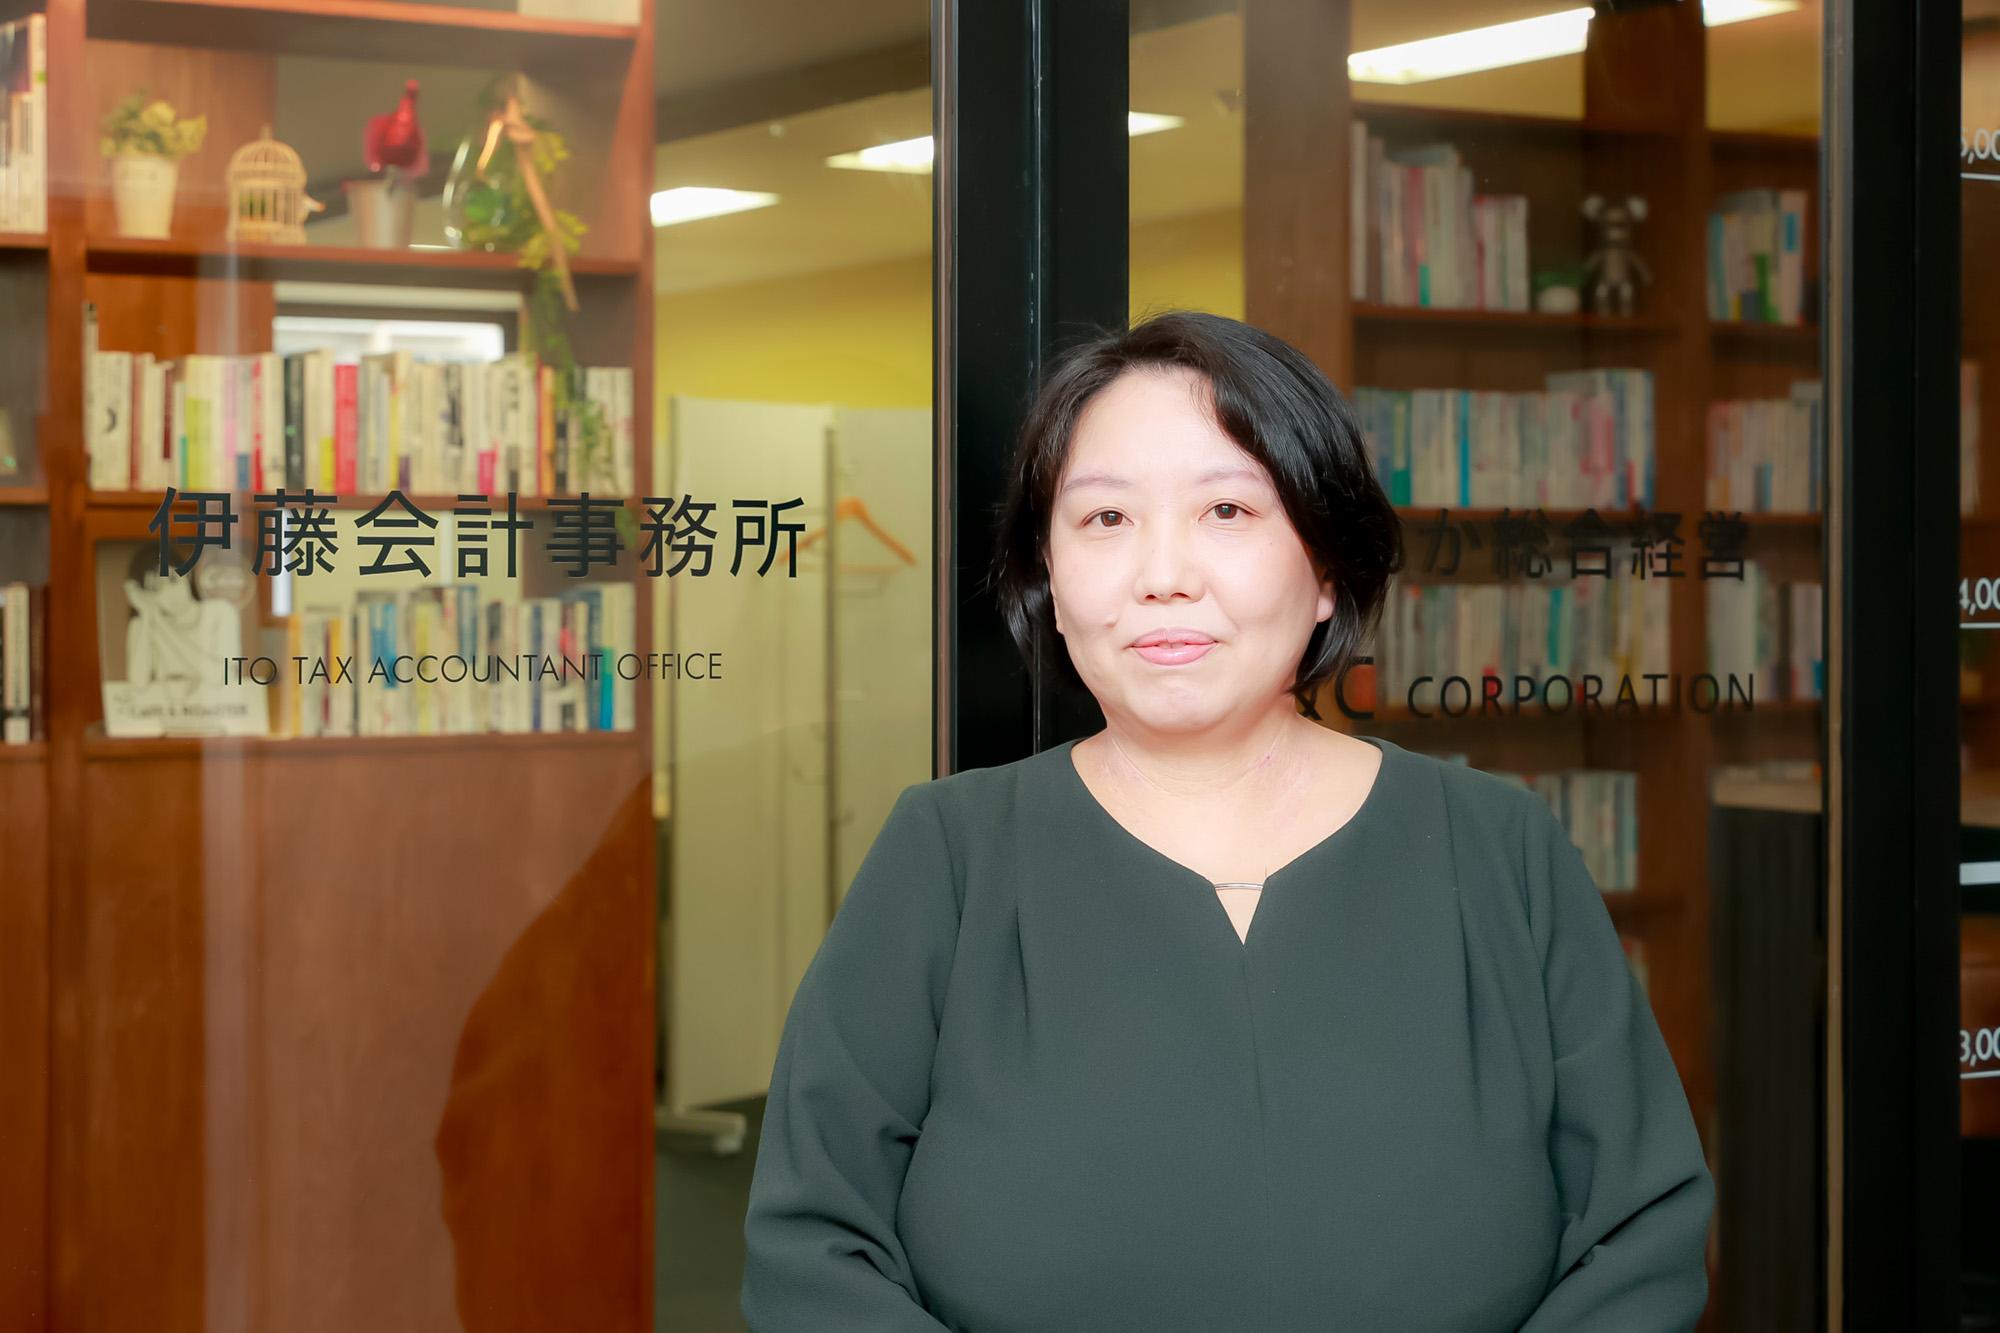 伊藤会計事務所_伊藤桜子氏_税理士・行政書士